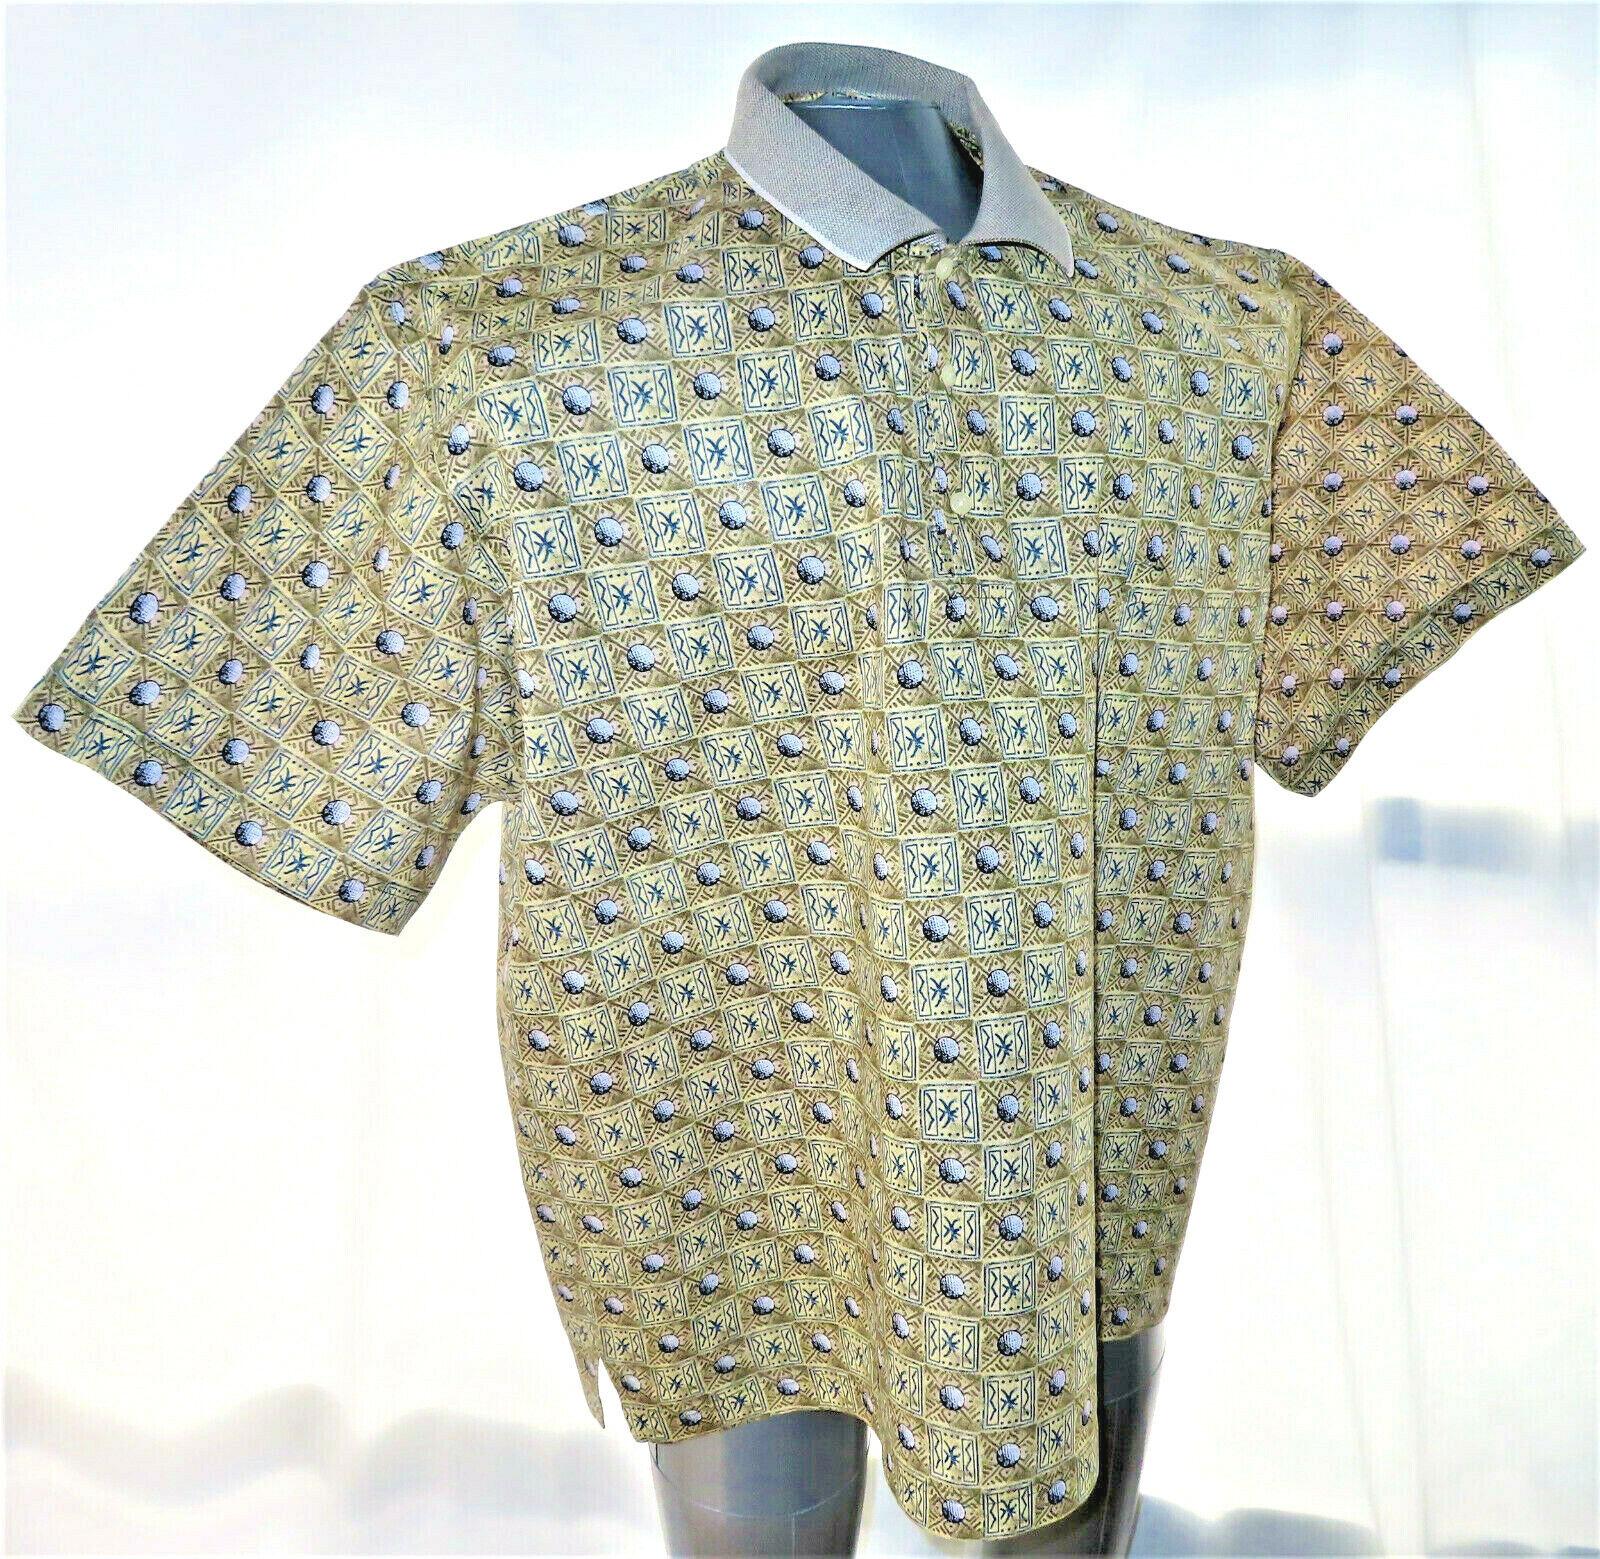 Grand Slam Tour Men s Golf Ball Shirt Size 2X - $25.00